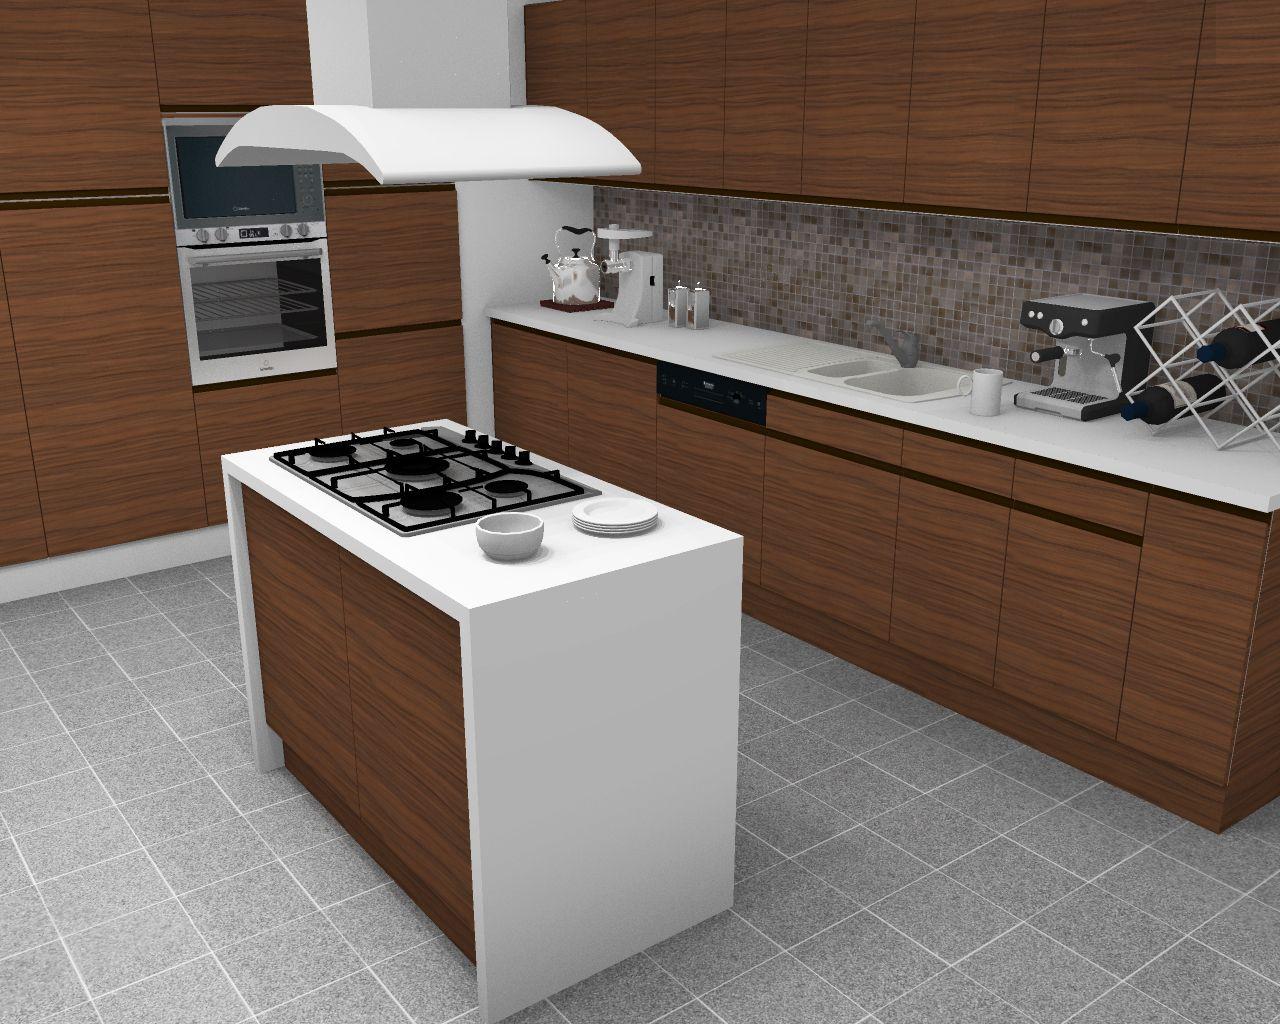 logiciel pour concevoir sa maison logiciel renovation maison u2013 maison moderne logiciel. Black Bedroom Furniture Sets. Home Design Ideas